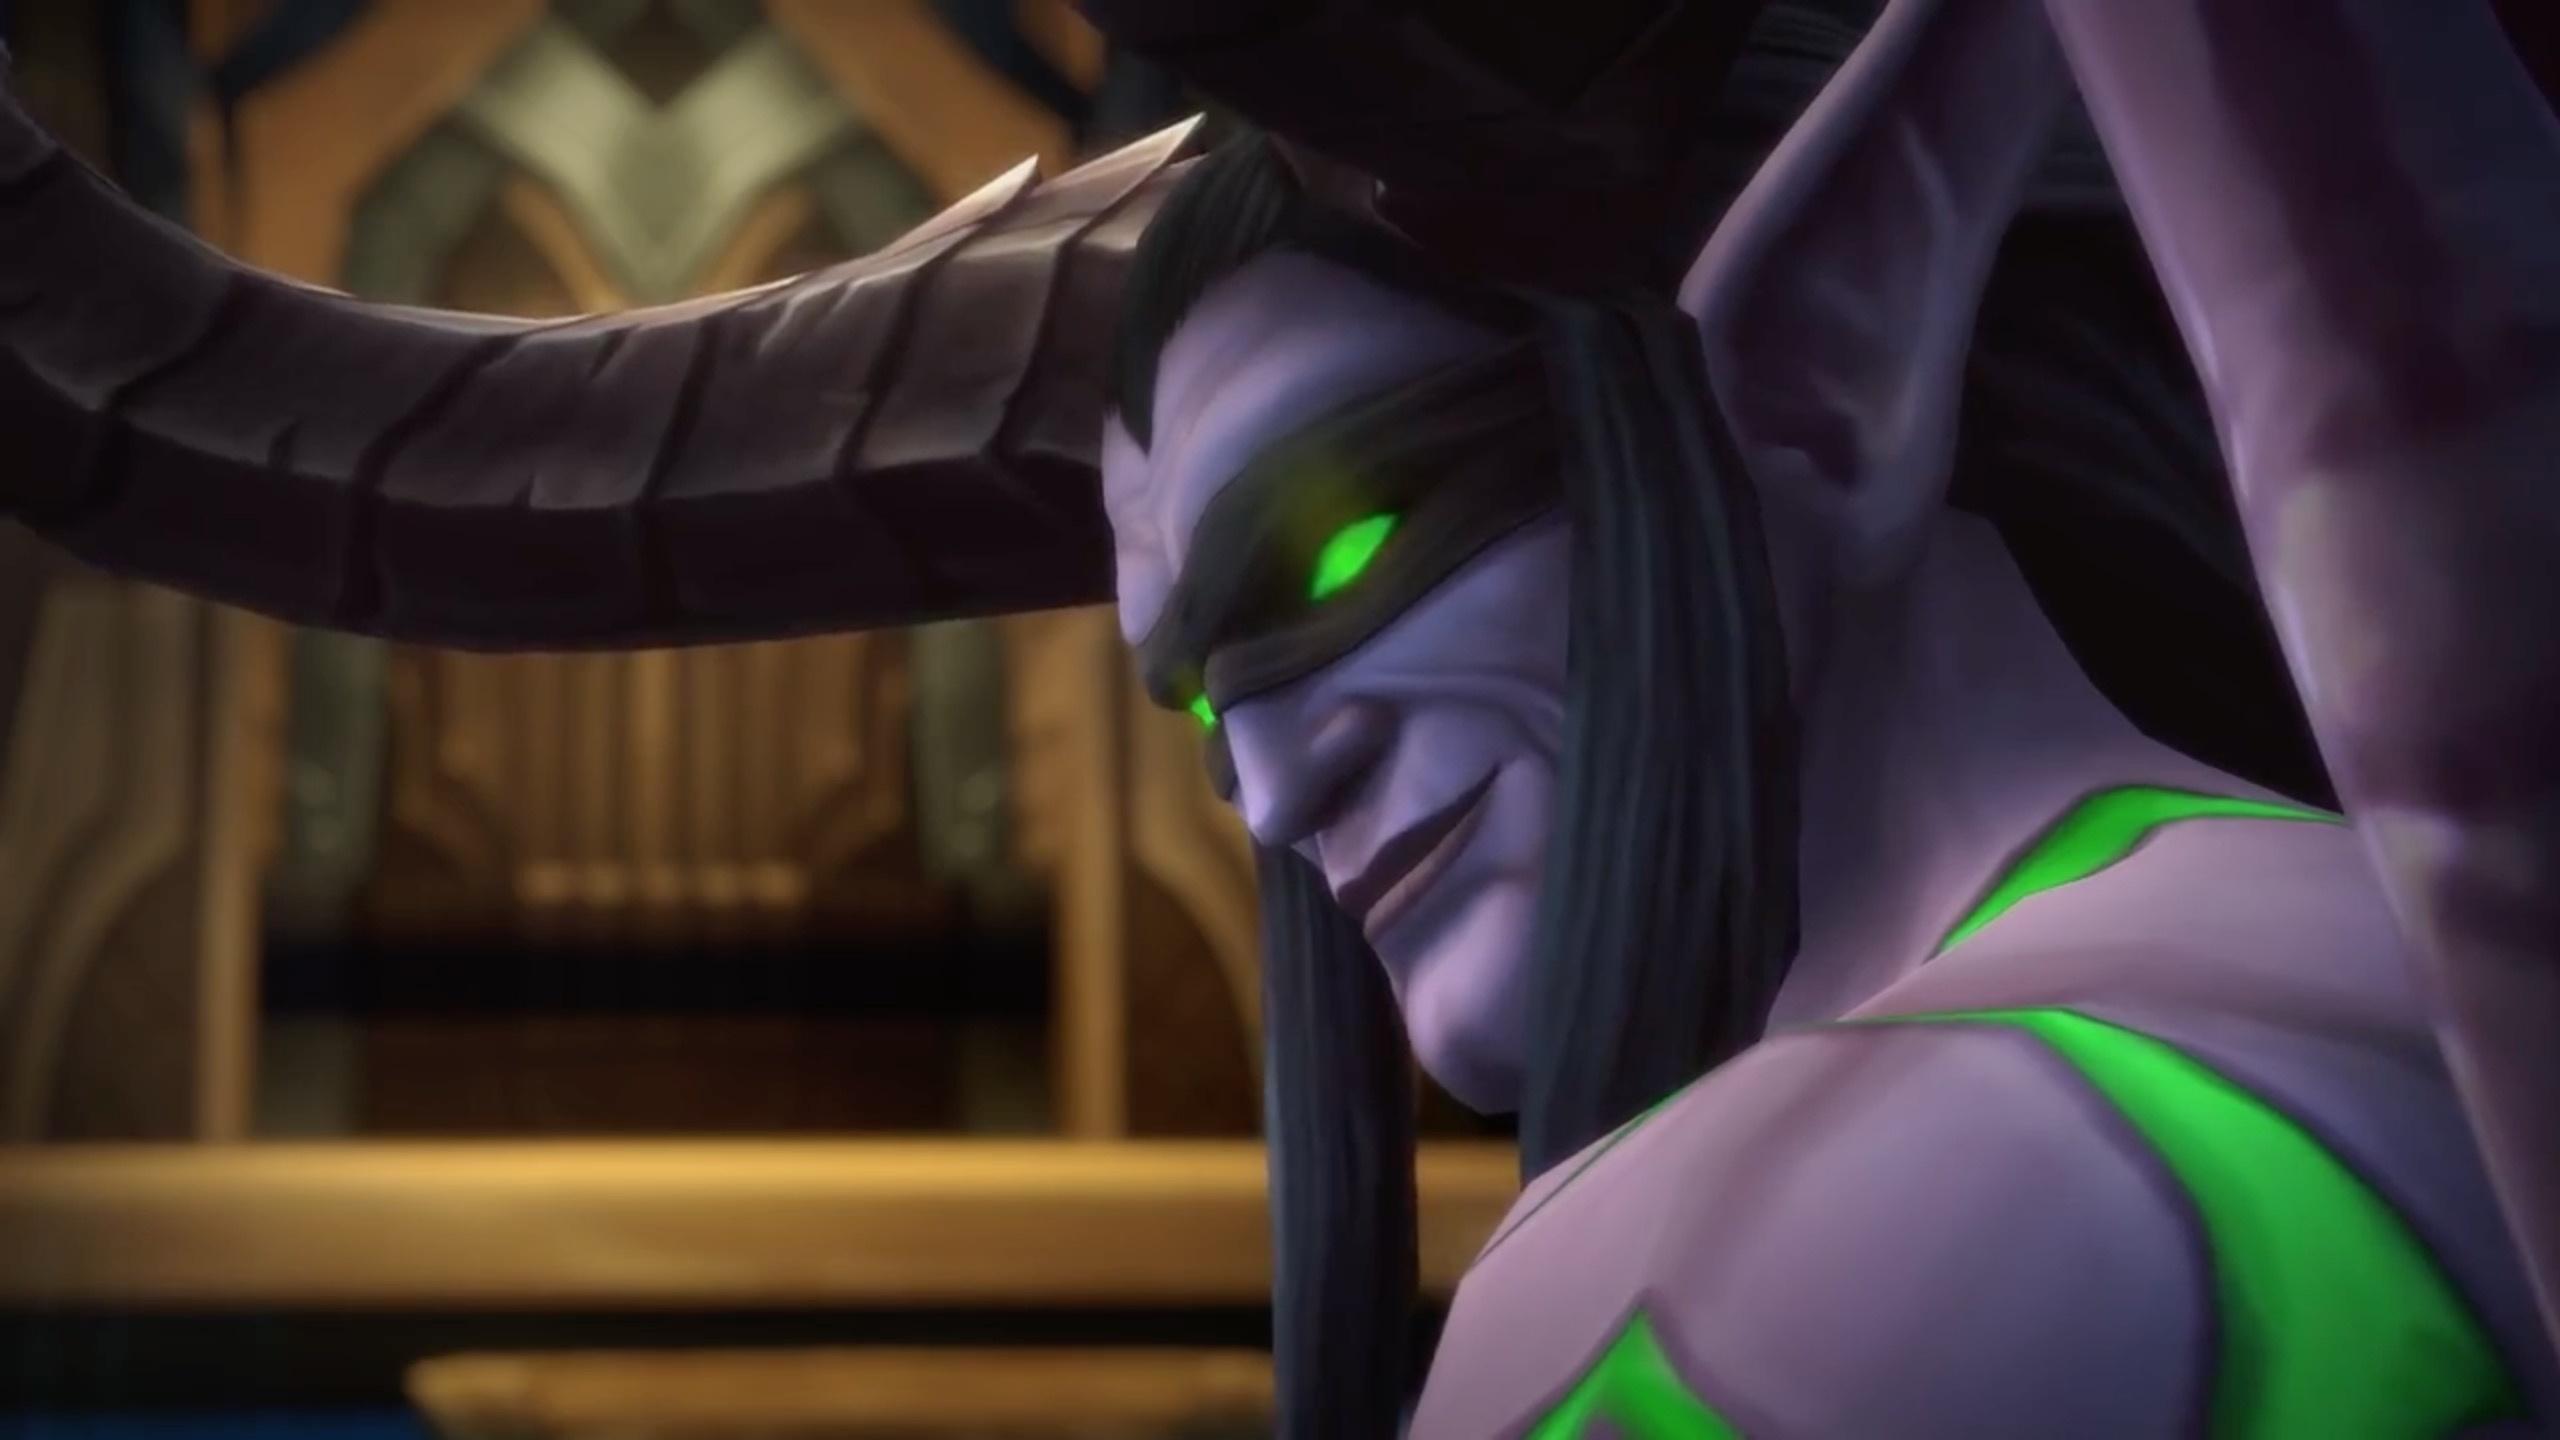 «Вы почти готовы!» — «Яндекс.Навигатора» заговорил голосами Иллидана и Архимага из Warcraft III